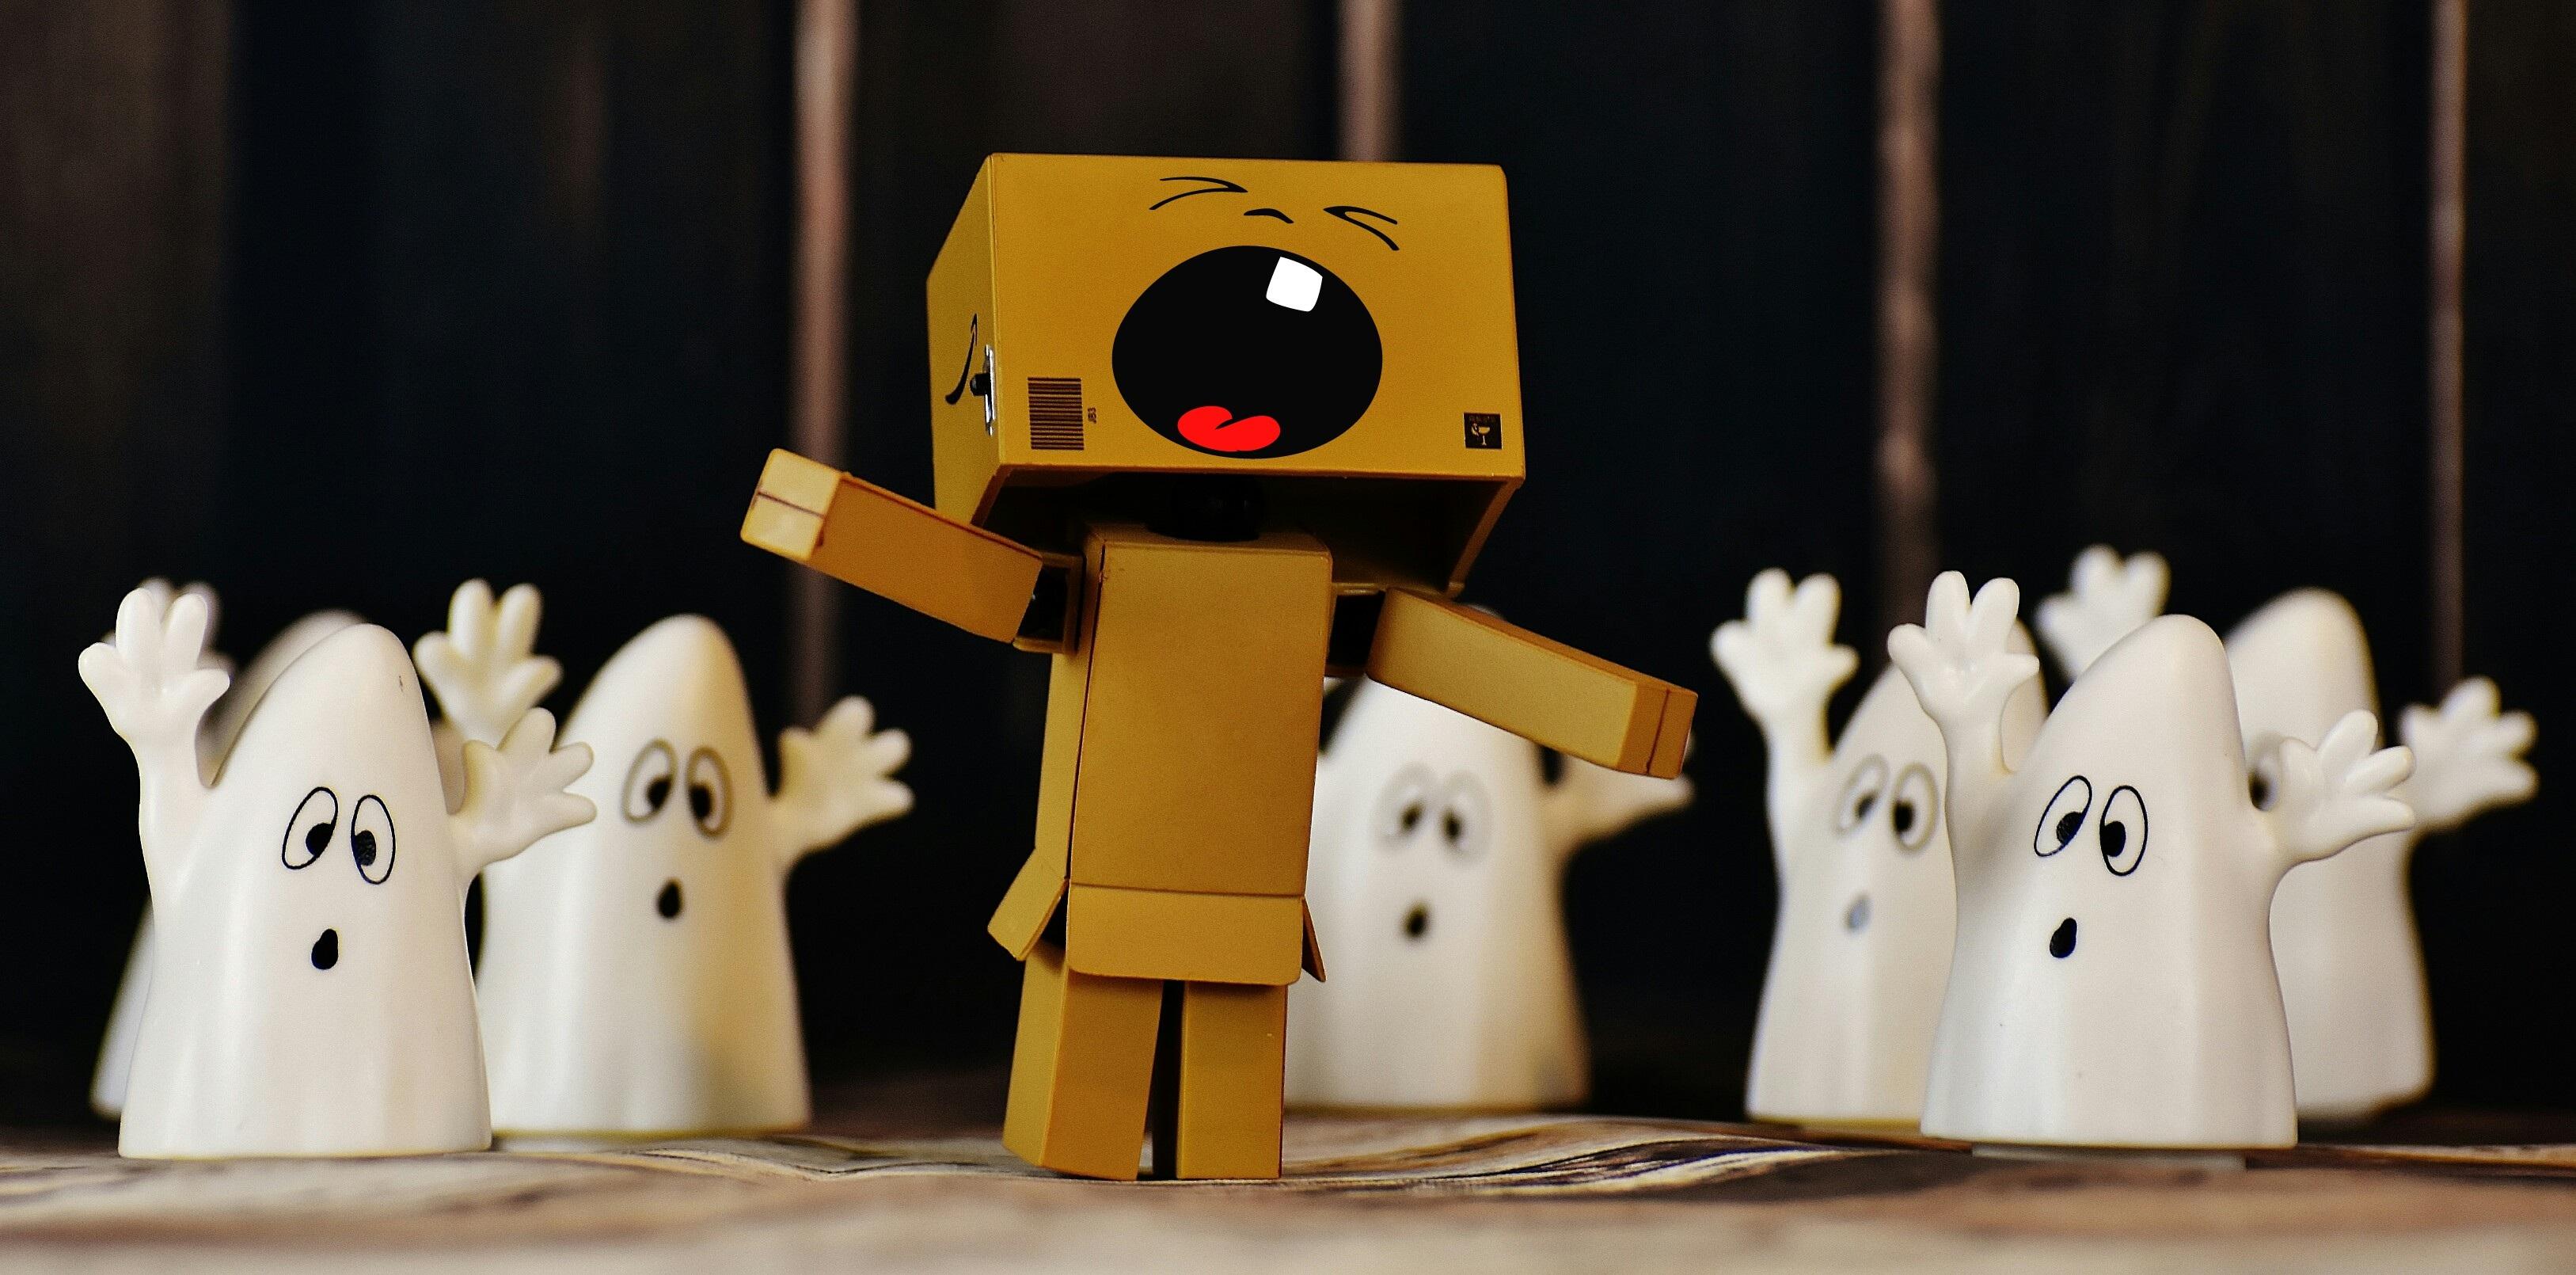 580 Koleksi Gambar Hantu Robot Gratis Terbaru